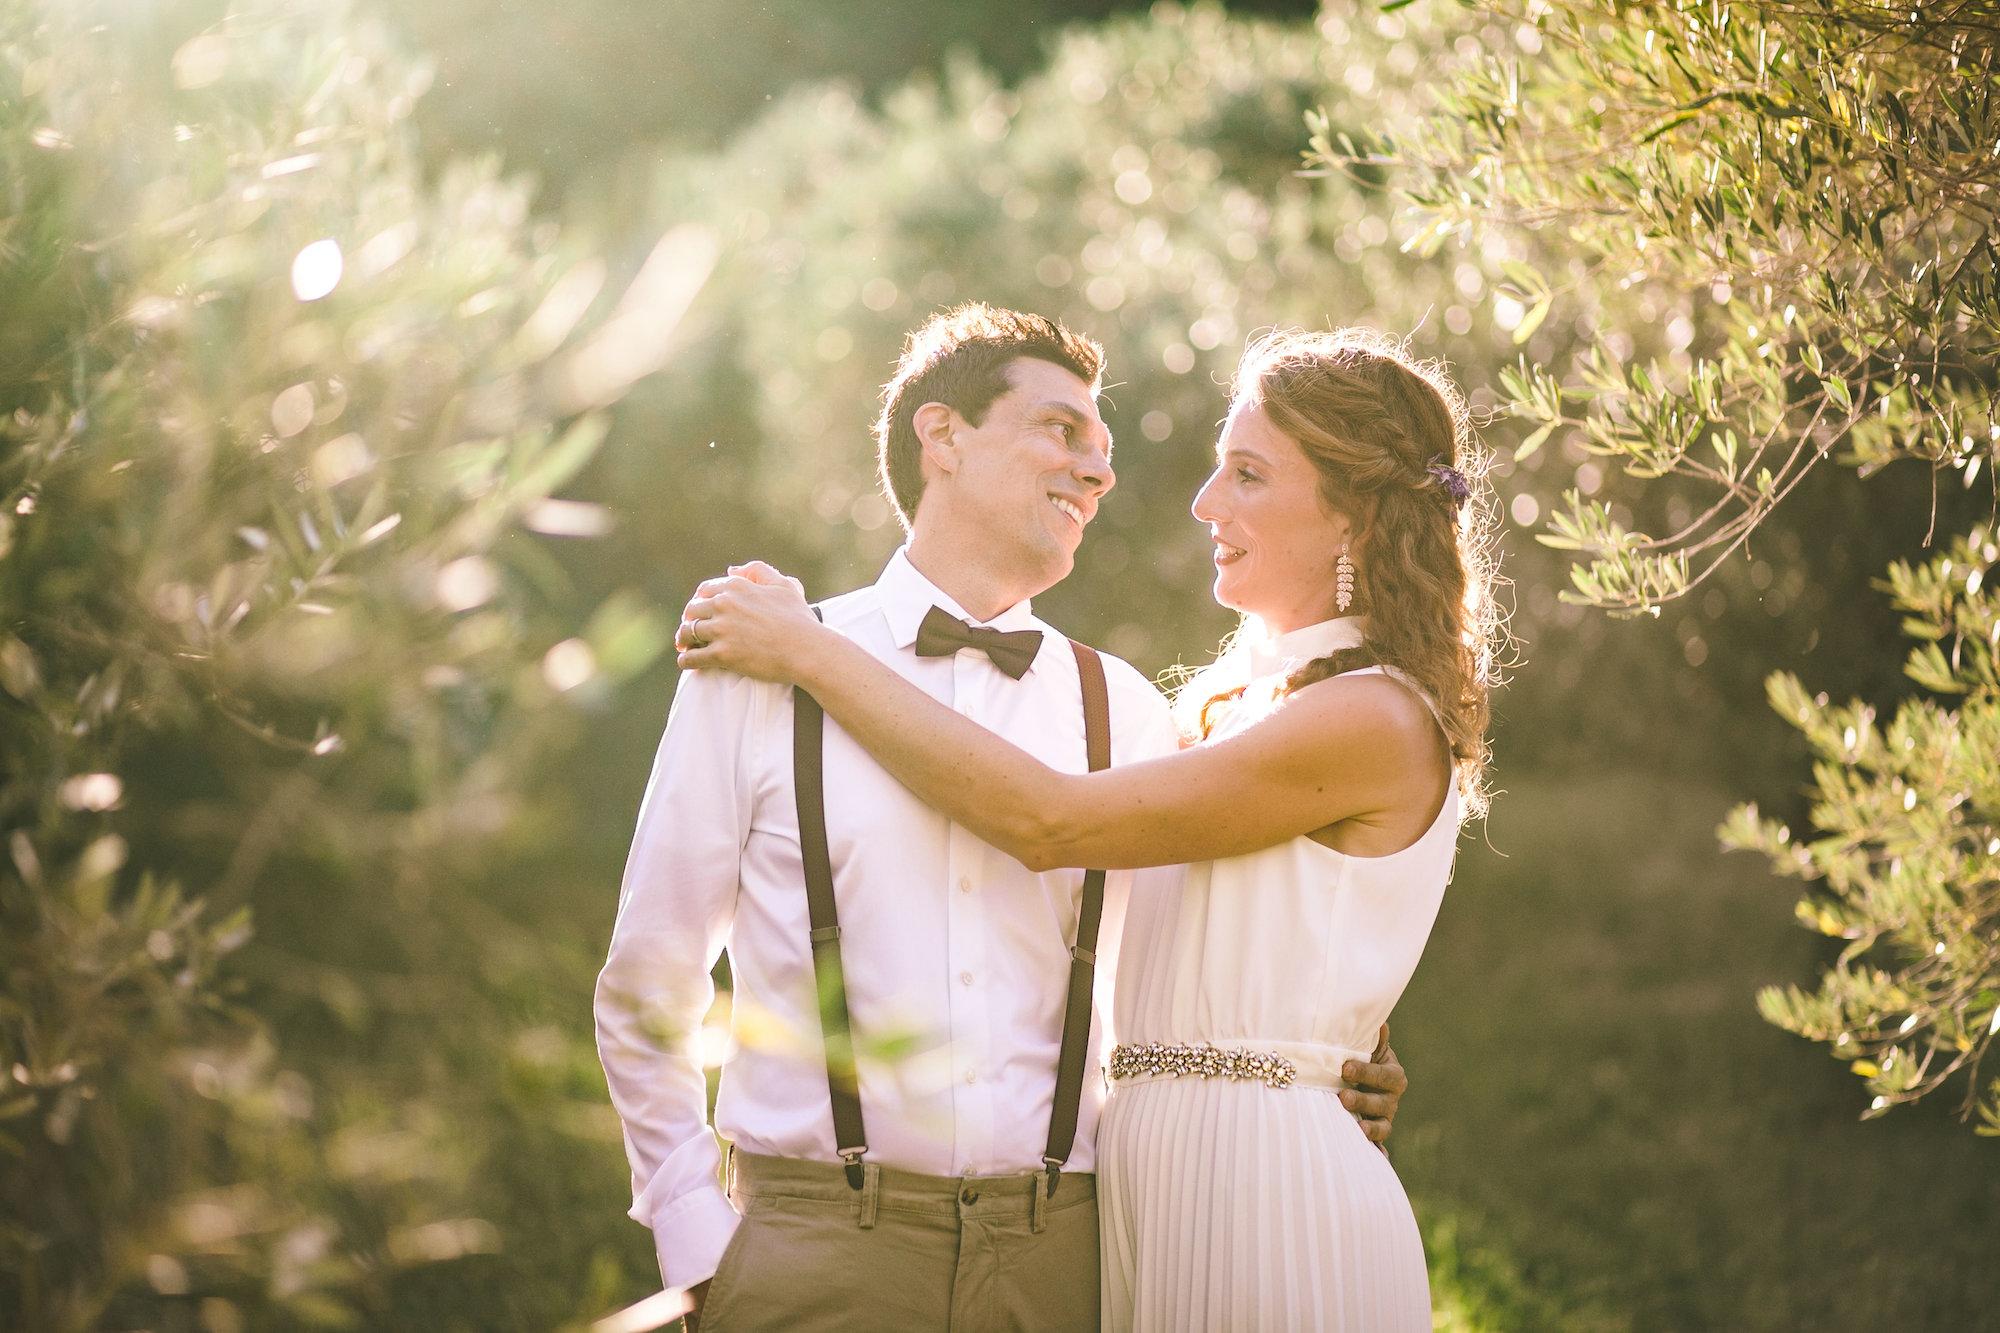 le coeur dans les etoiles - wedding planner - gard - provence - mariage provence - L&C - sebastien cabanes - photo de couple 3